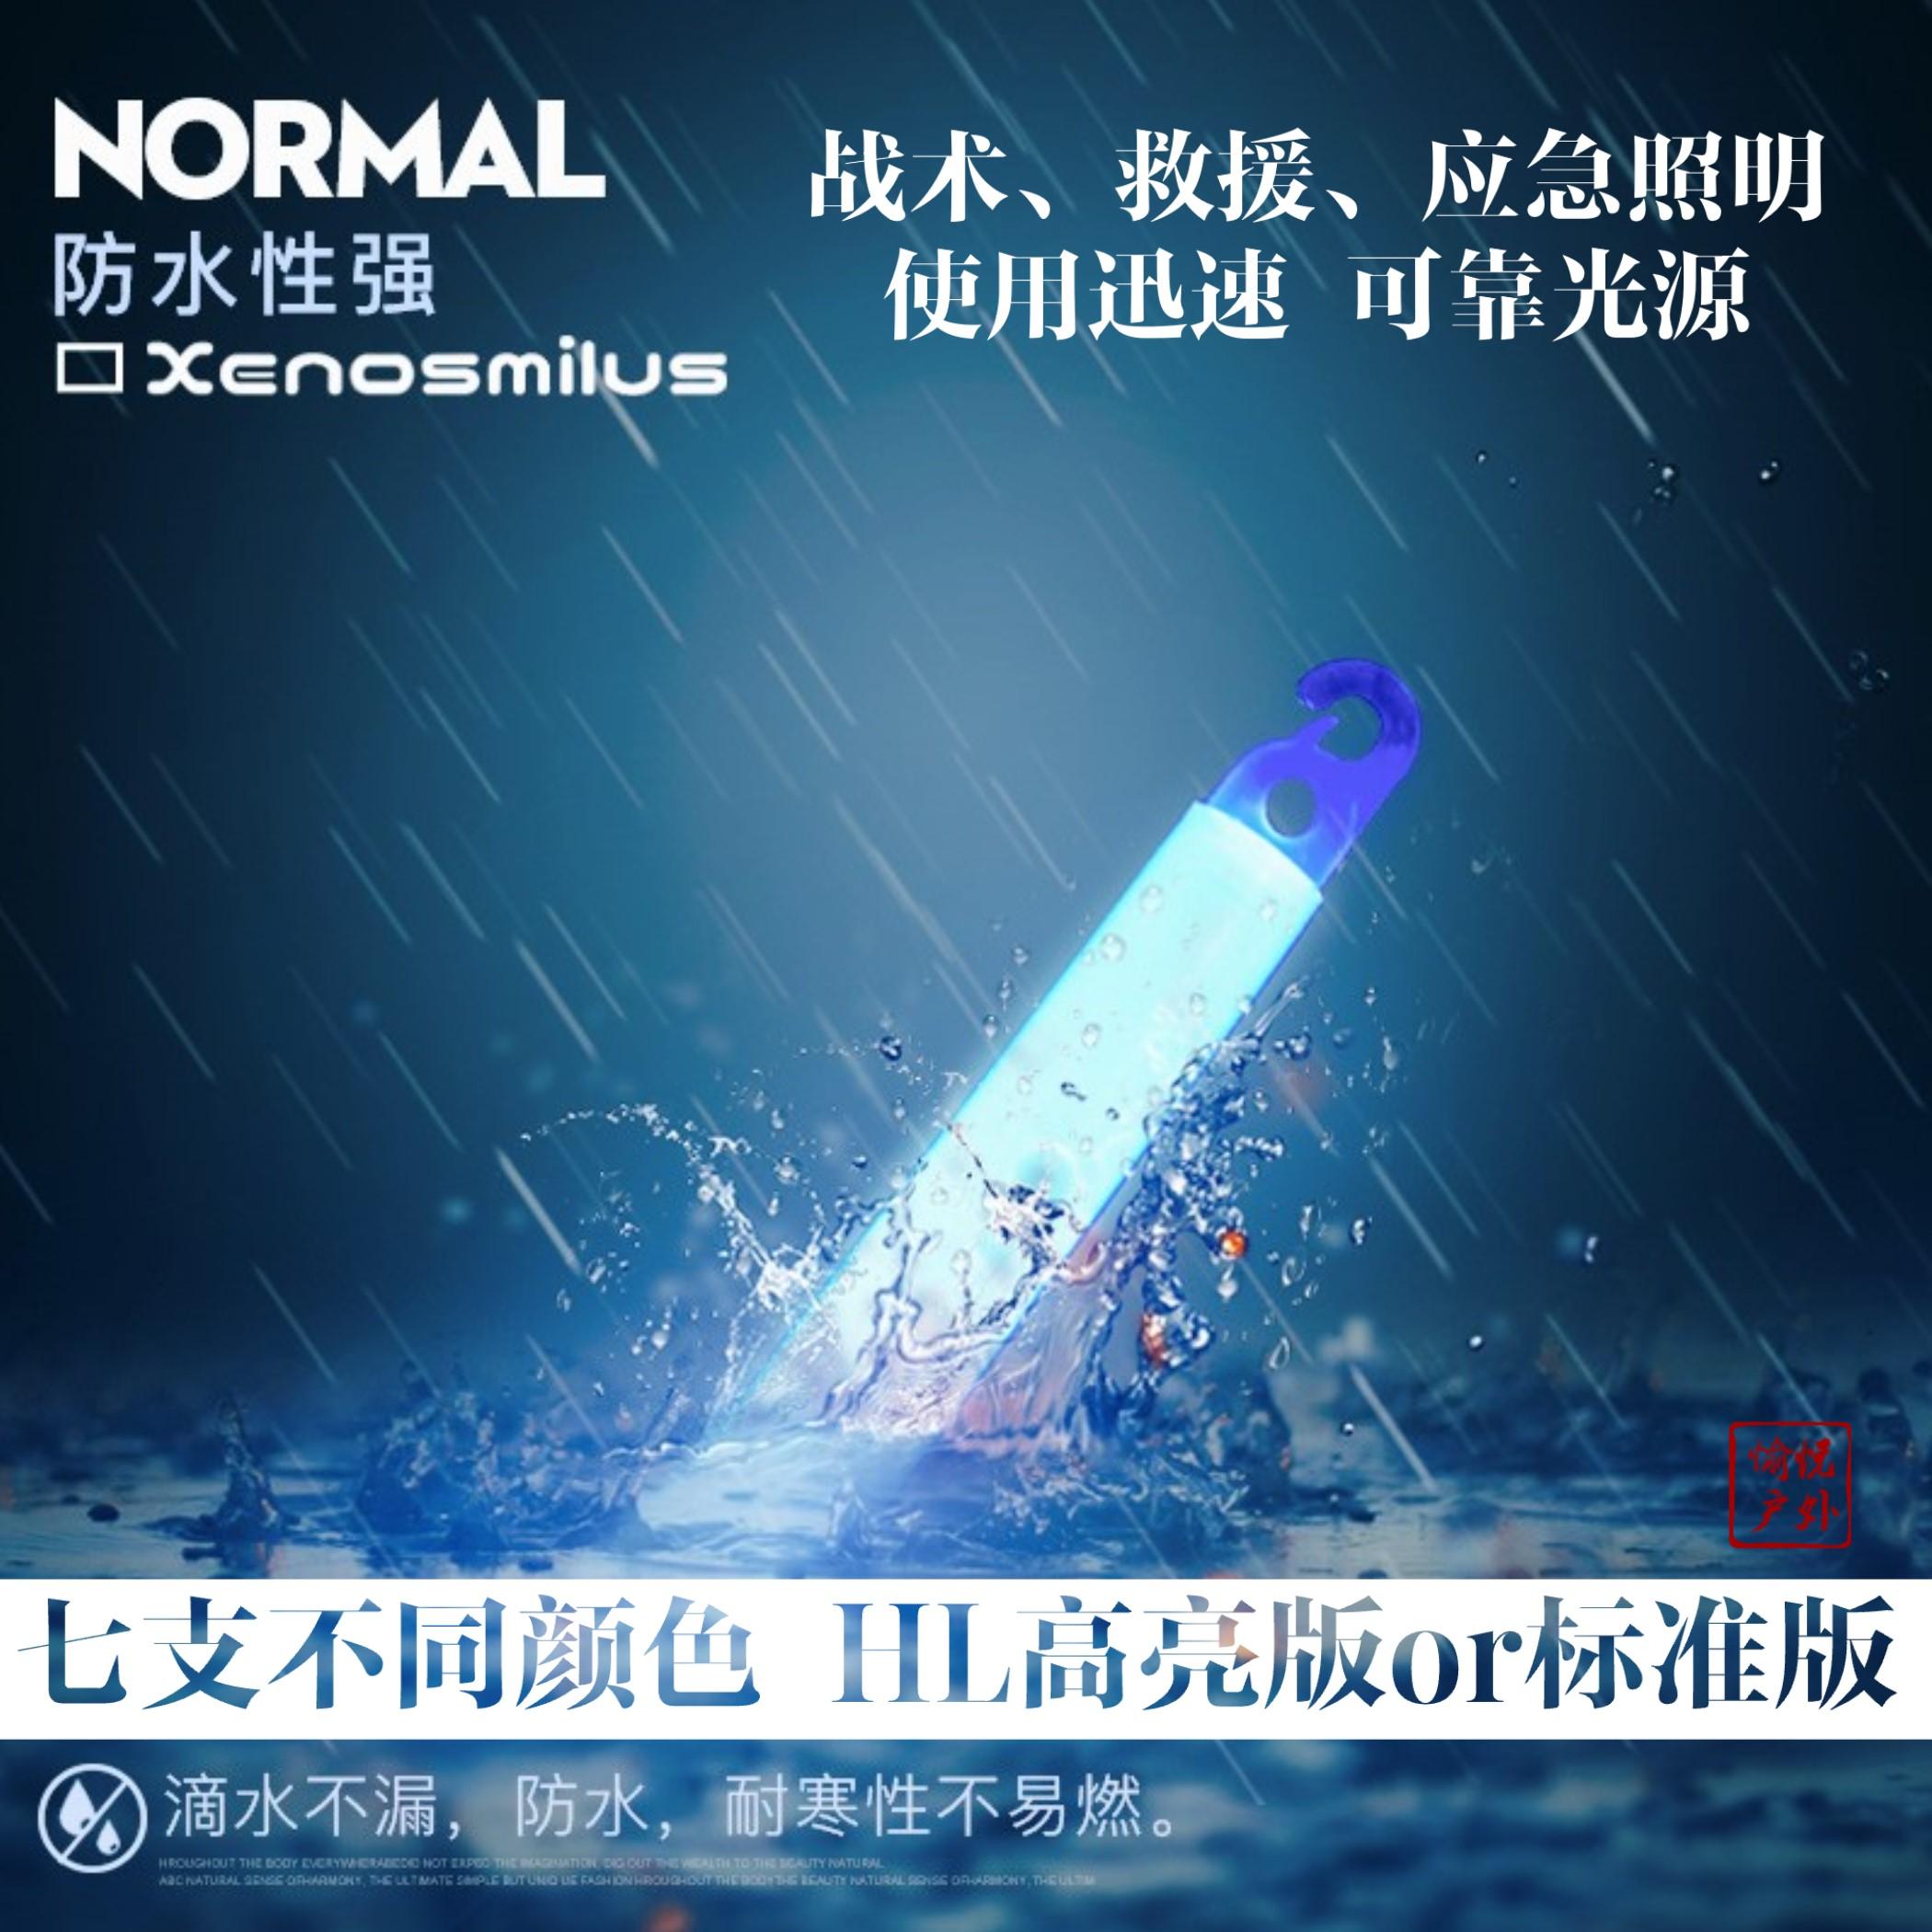 7 филиал Xenosmilus флуоресцентный стержень тактический серебристые помогите освещение на открытом воздухе оборудование армия конец бесплатная доставка wota